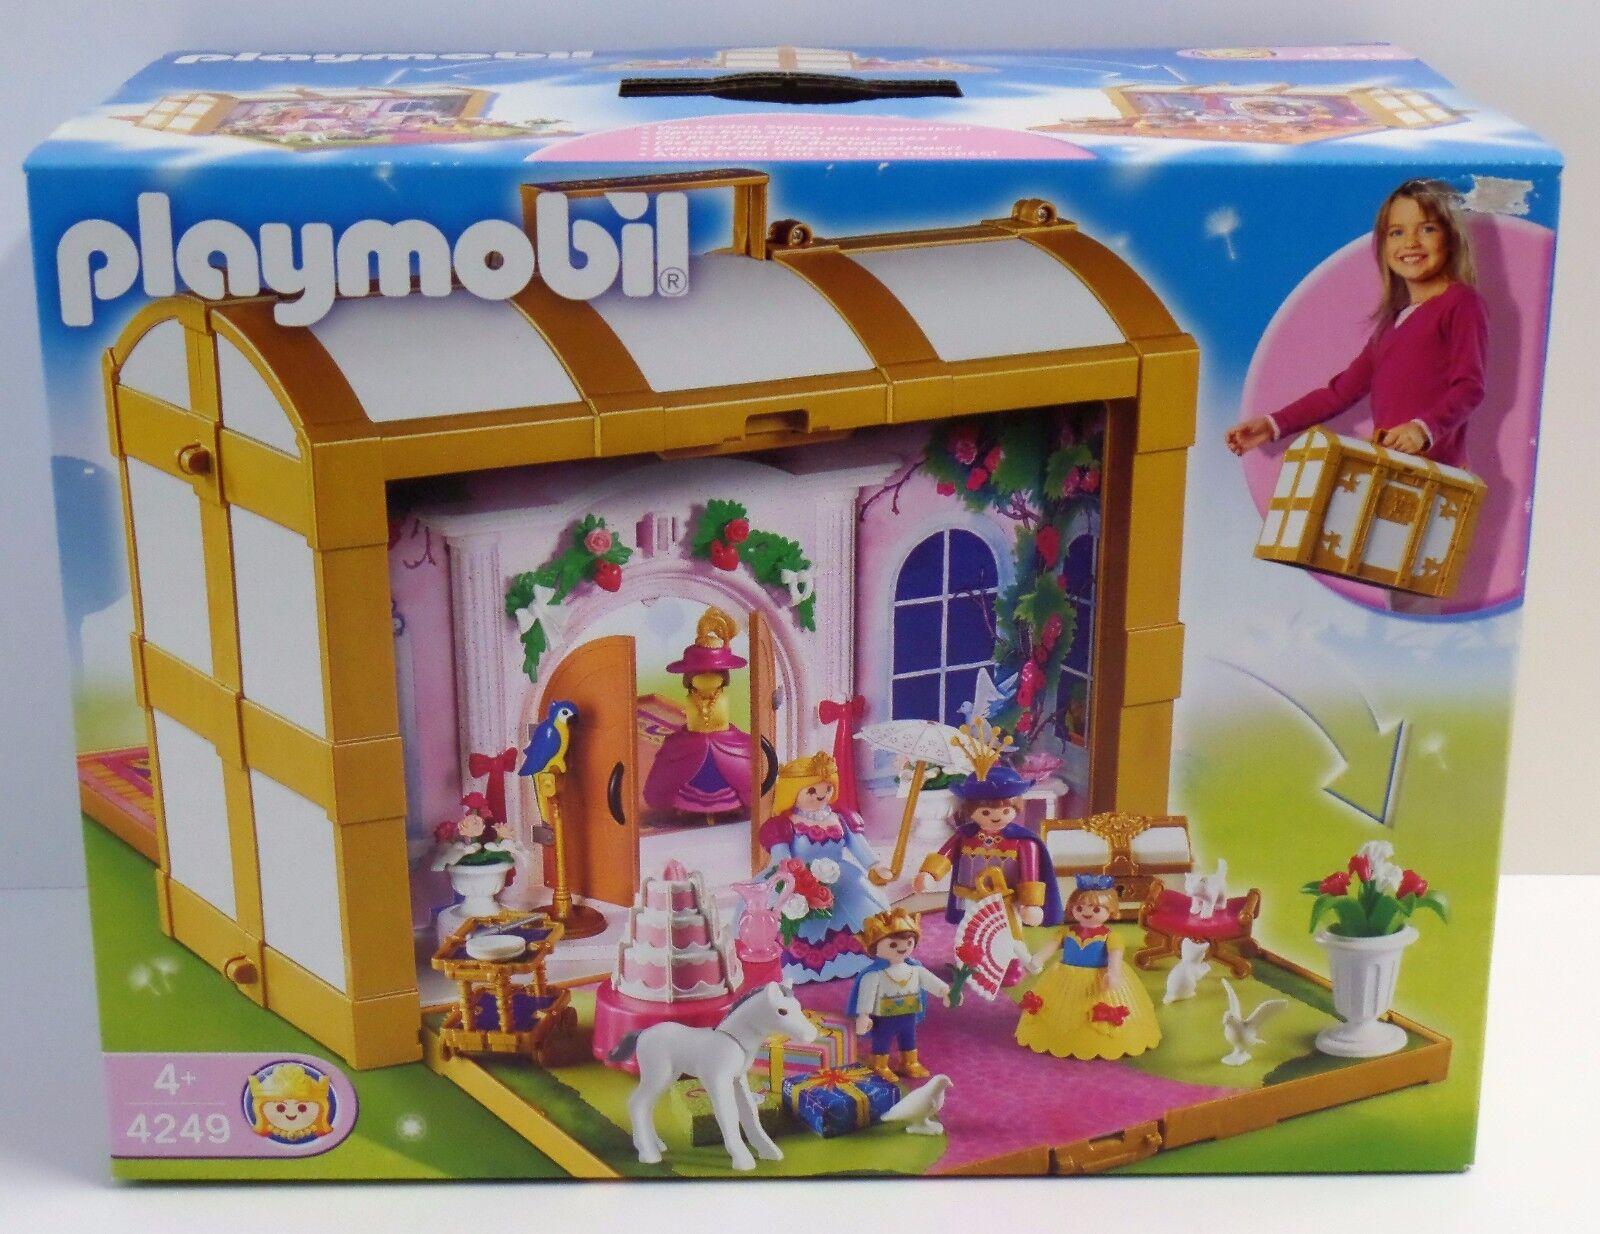 Playmobil 4249 - Mein Prinzessinnenkoffer zum Mitnehmen - NEU NEW OVP